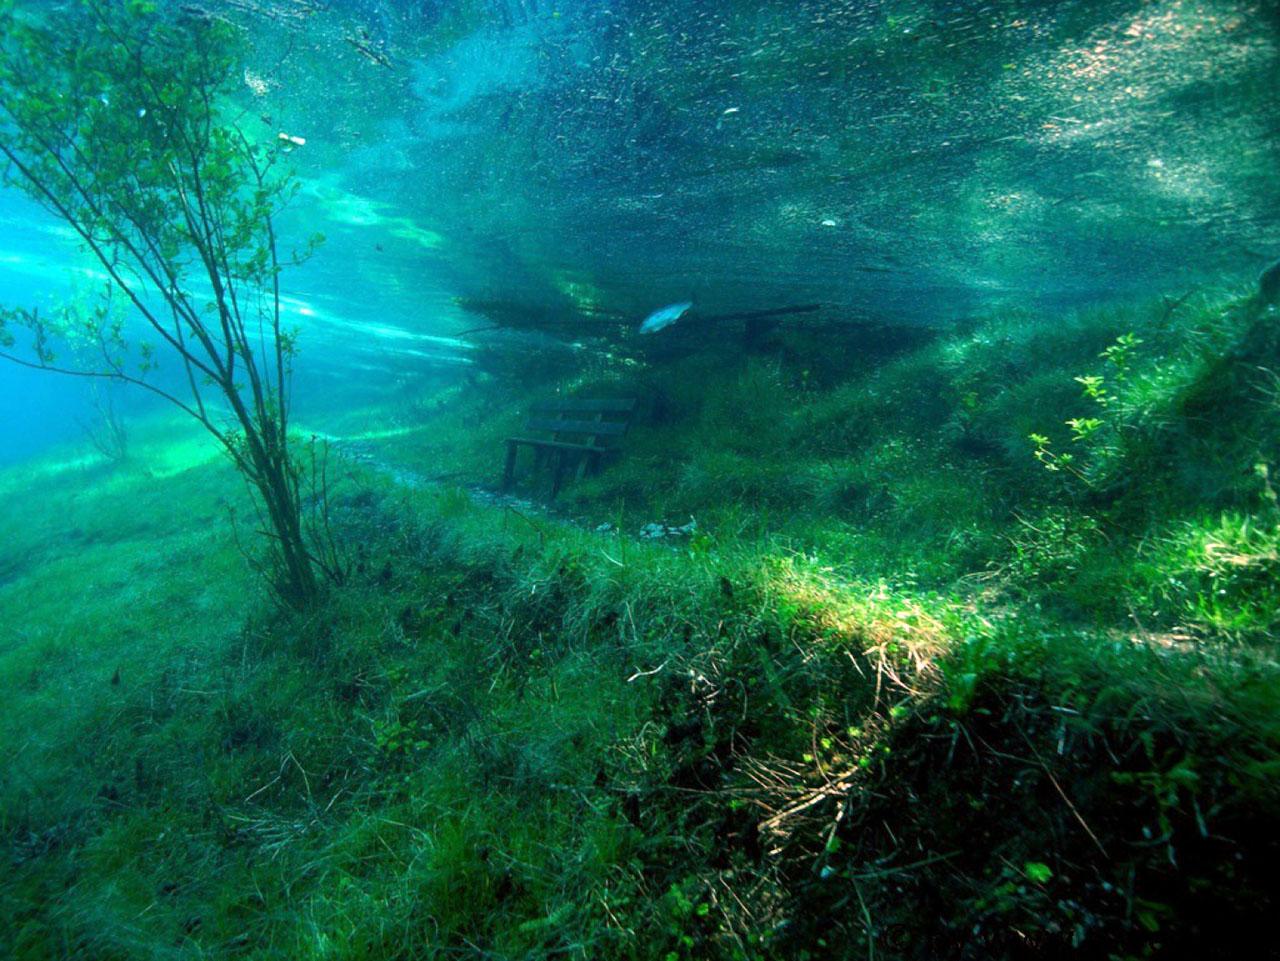 Aucun trucage dans ces photos incroyable du lac Grüner See Le-lac-Gruner-See-Etat-de-Styrie-Autriche-photo-08